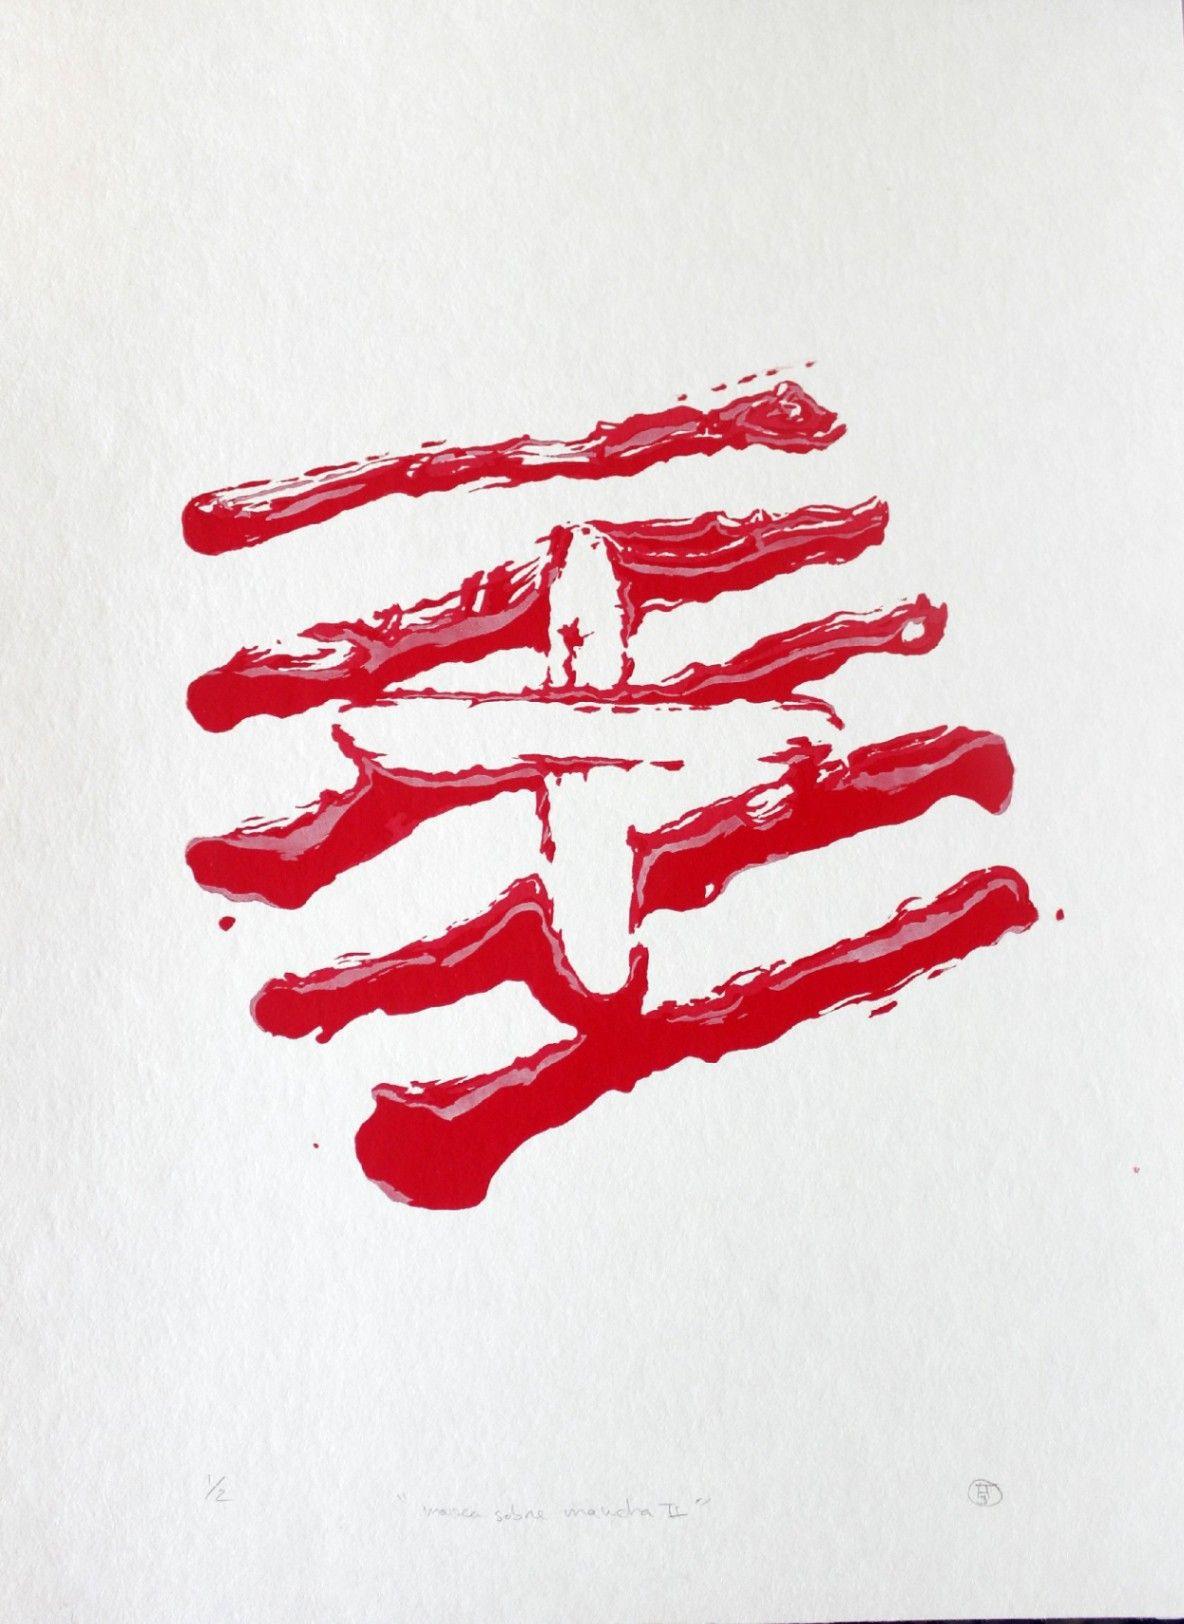 Obra: Marca sobre mancha II